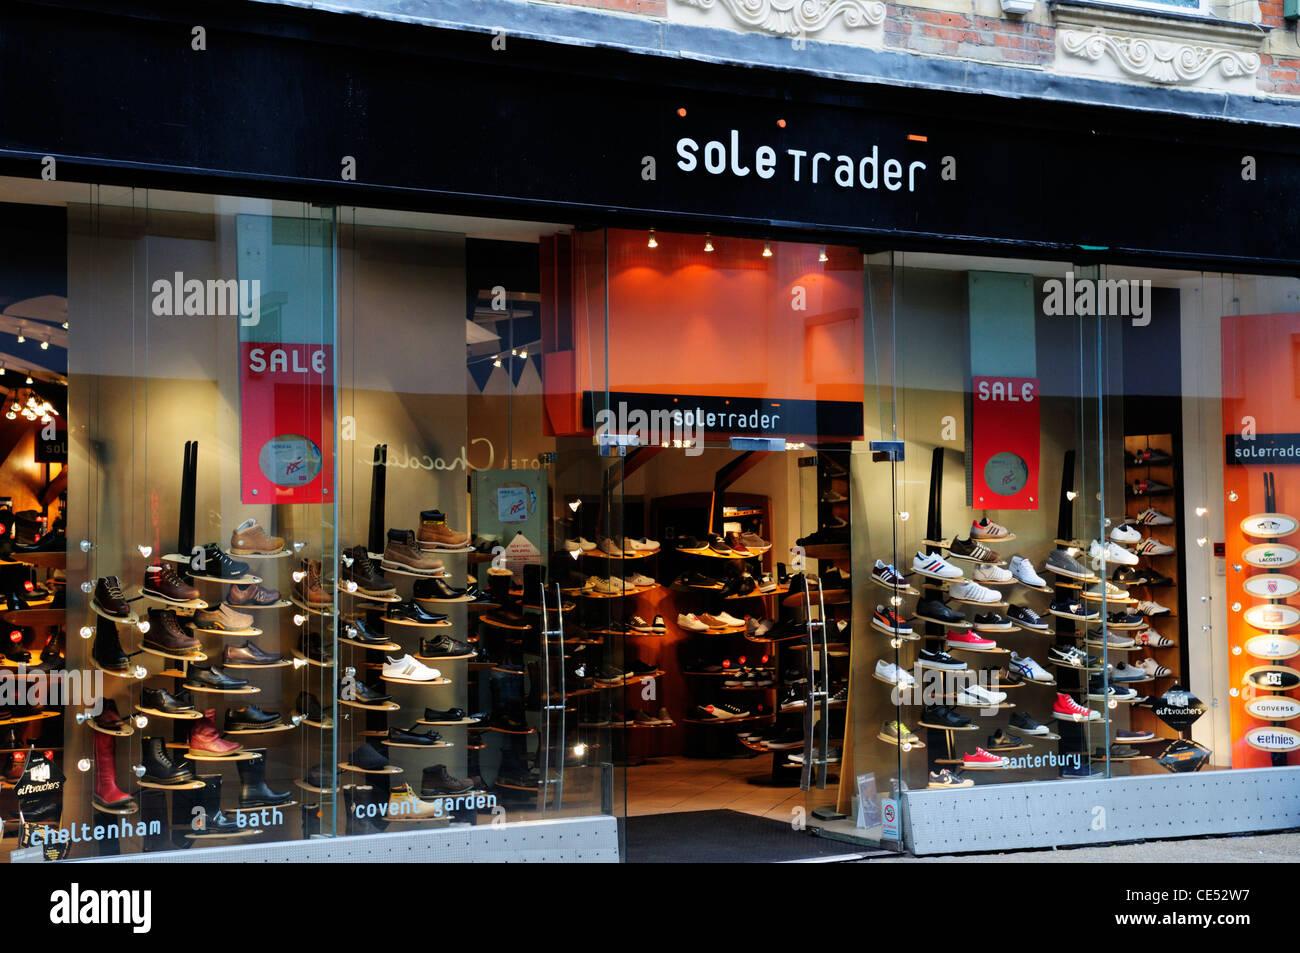 Commerciante esclusivo negozio di scarpe, Cambridge, Inghilterra, Regno Unito Immagini Stock